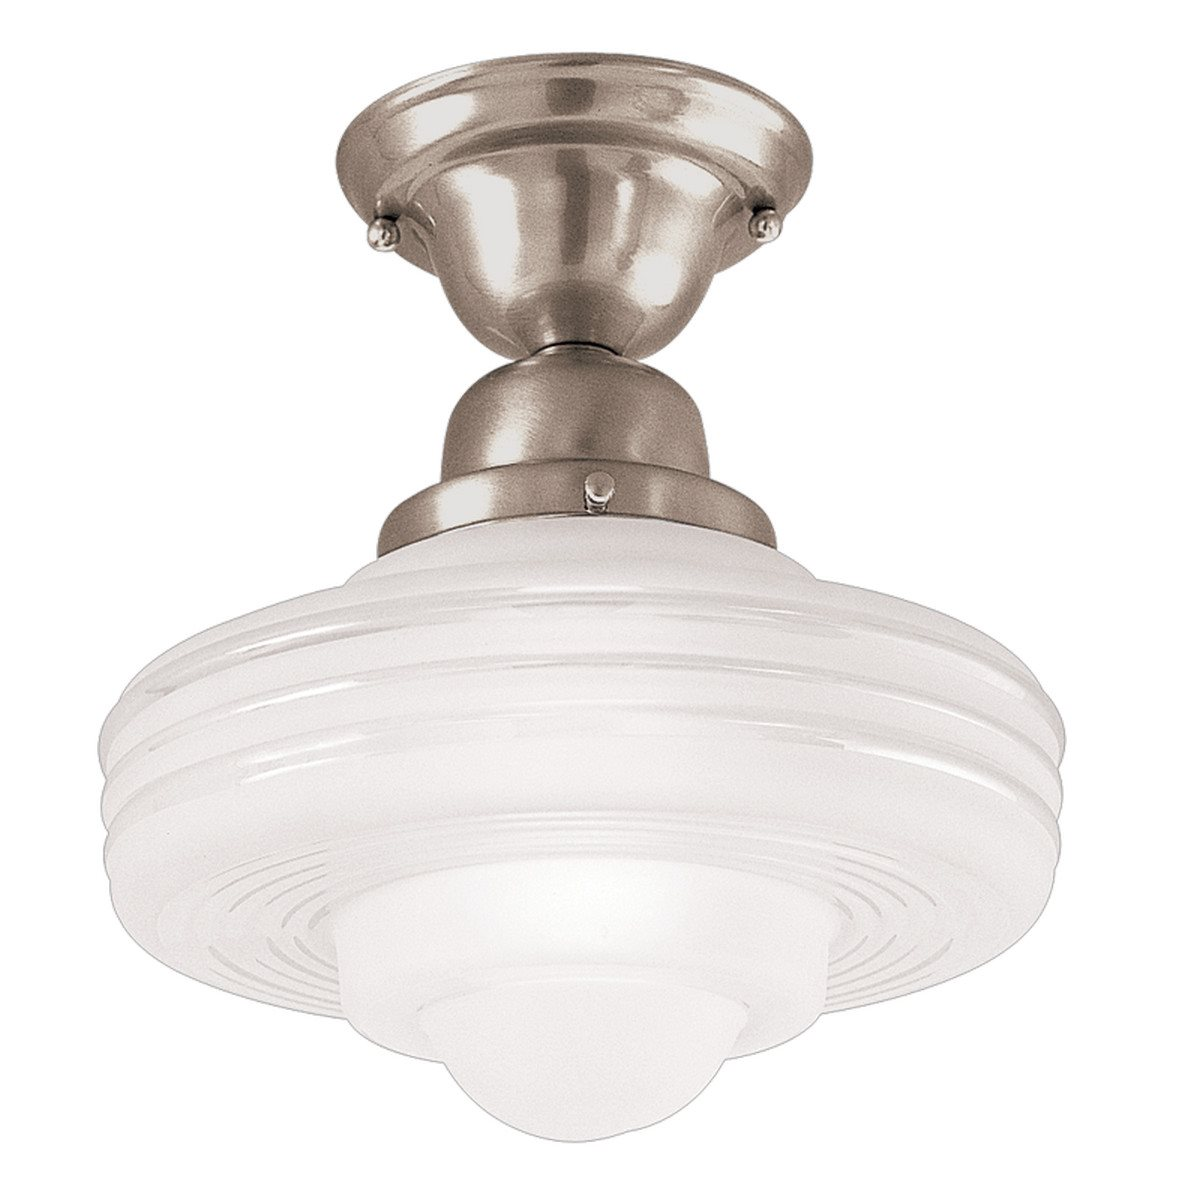 hudson valley lighting 7631 diner contemporary semi flush